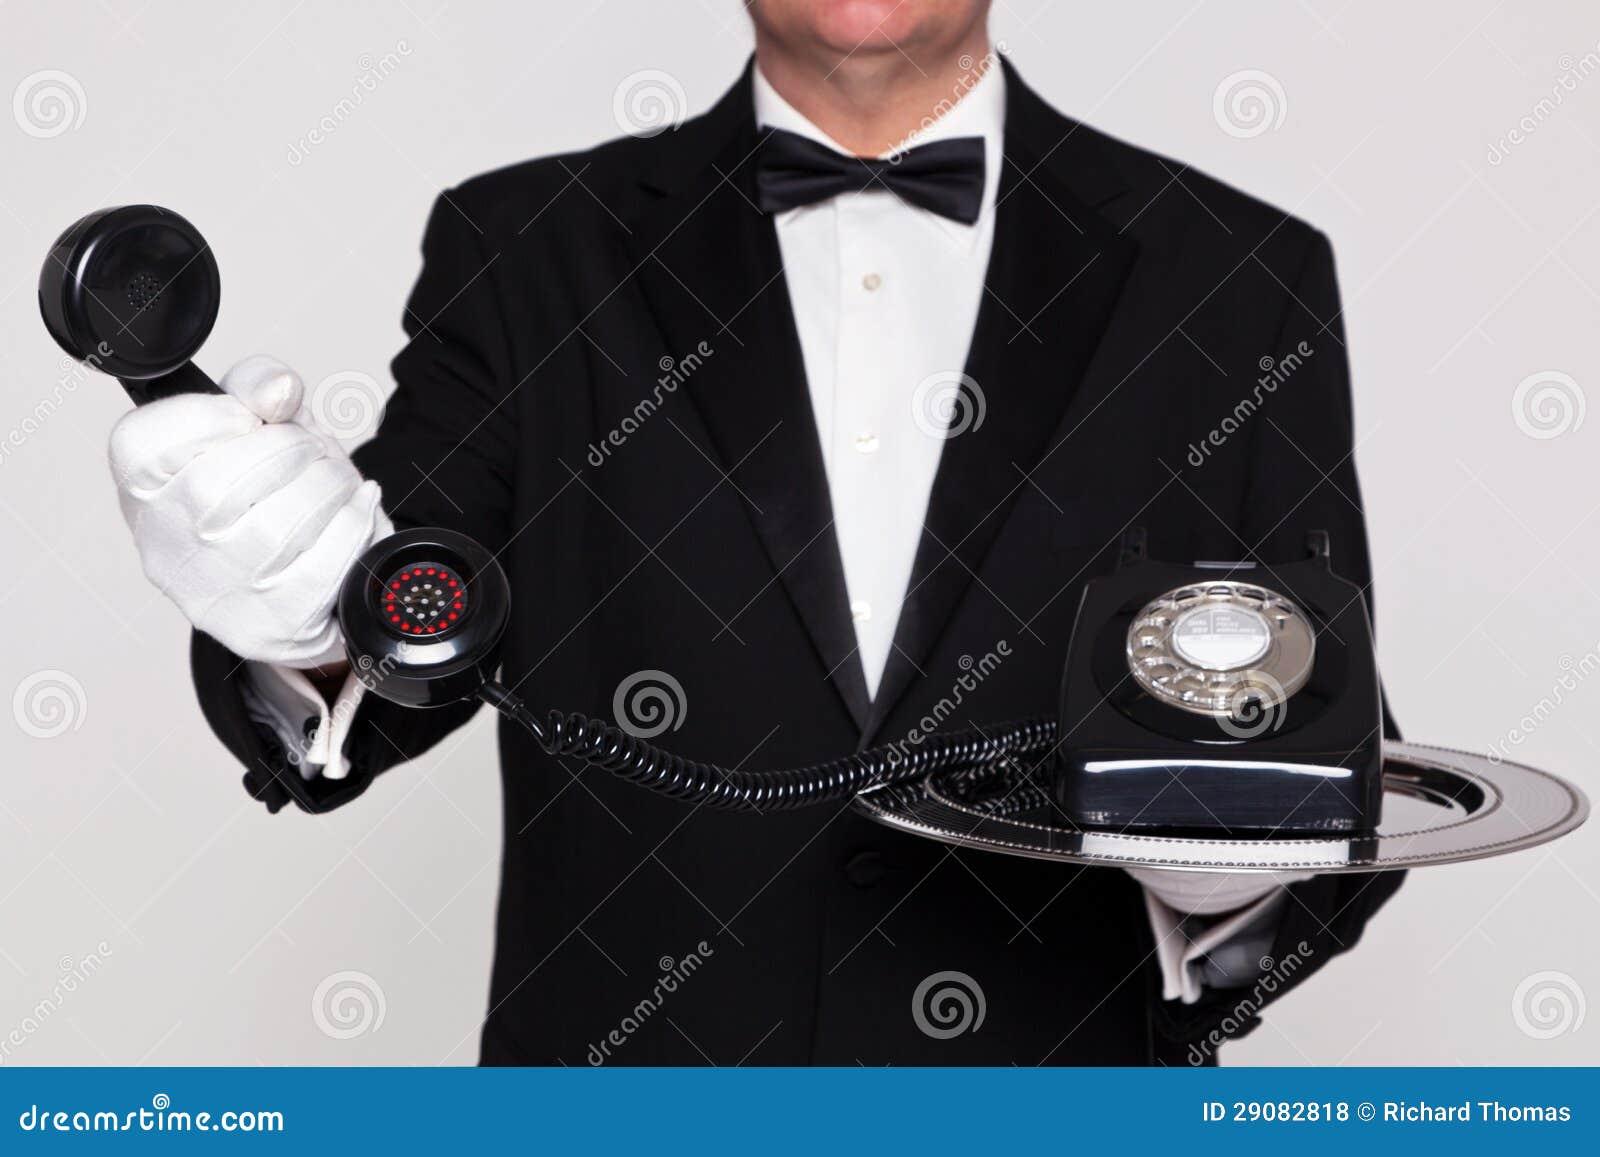 Butler handing you a telephone